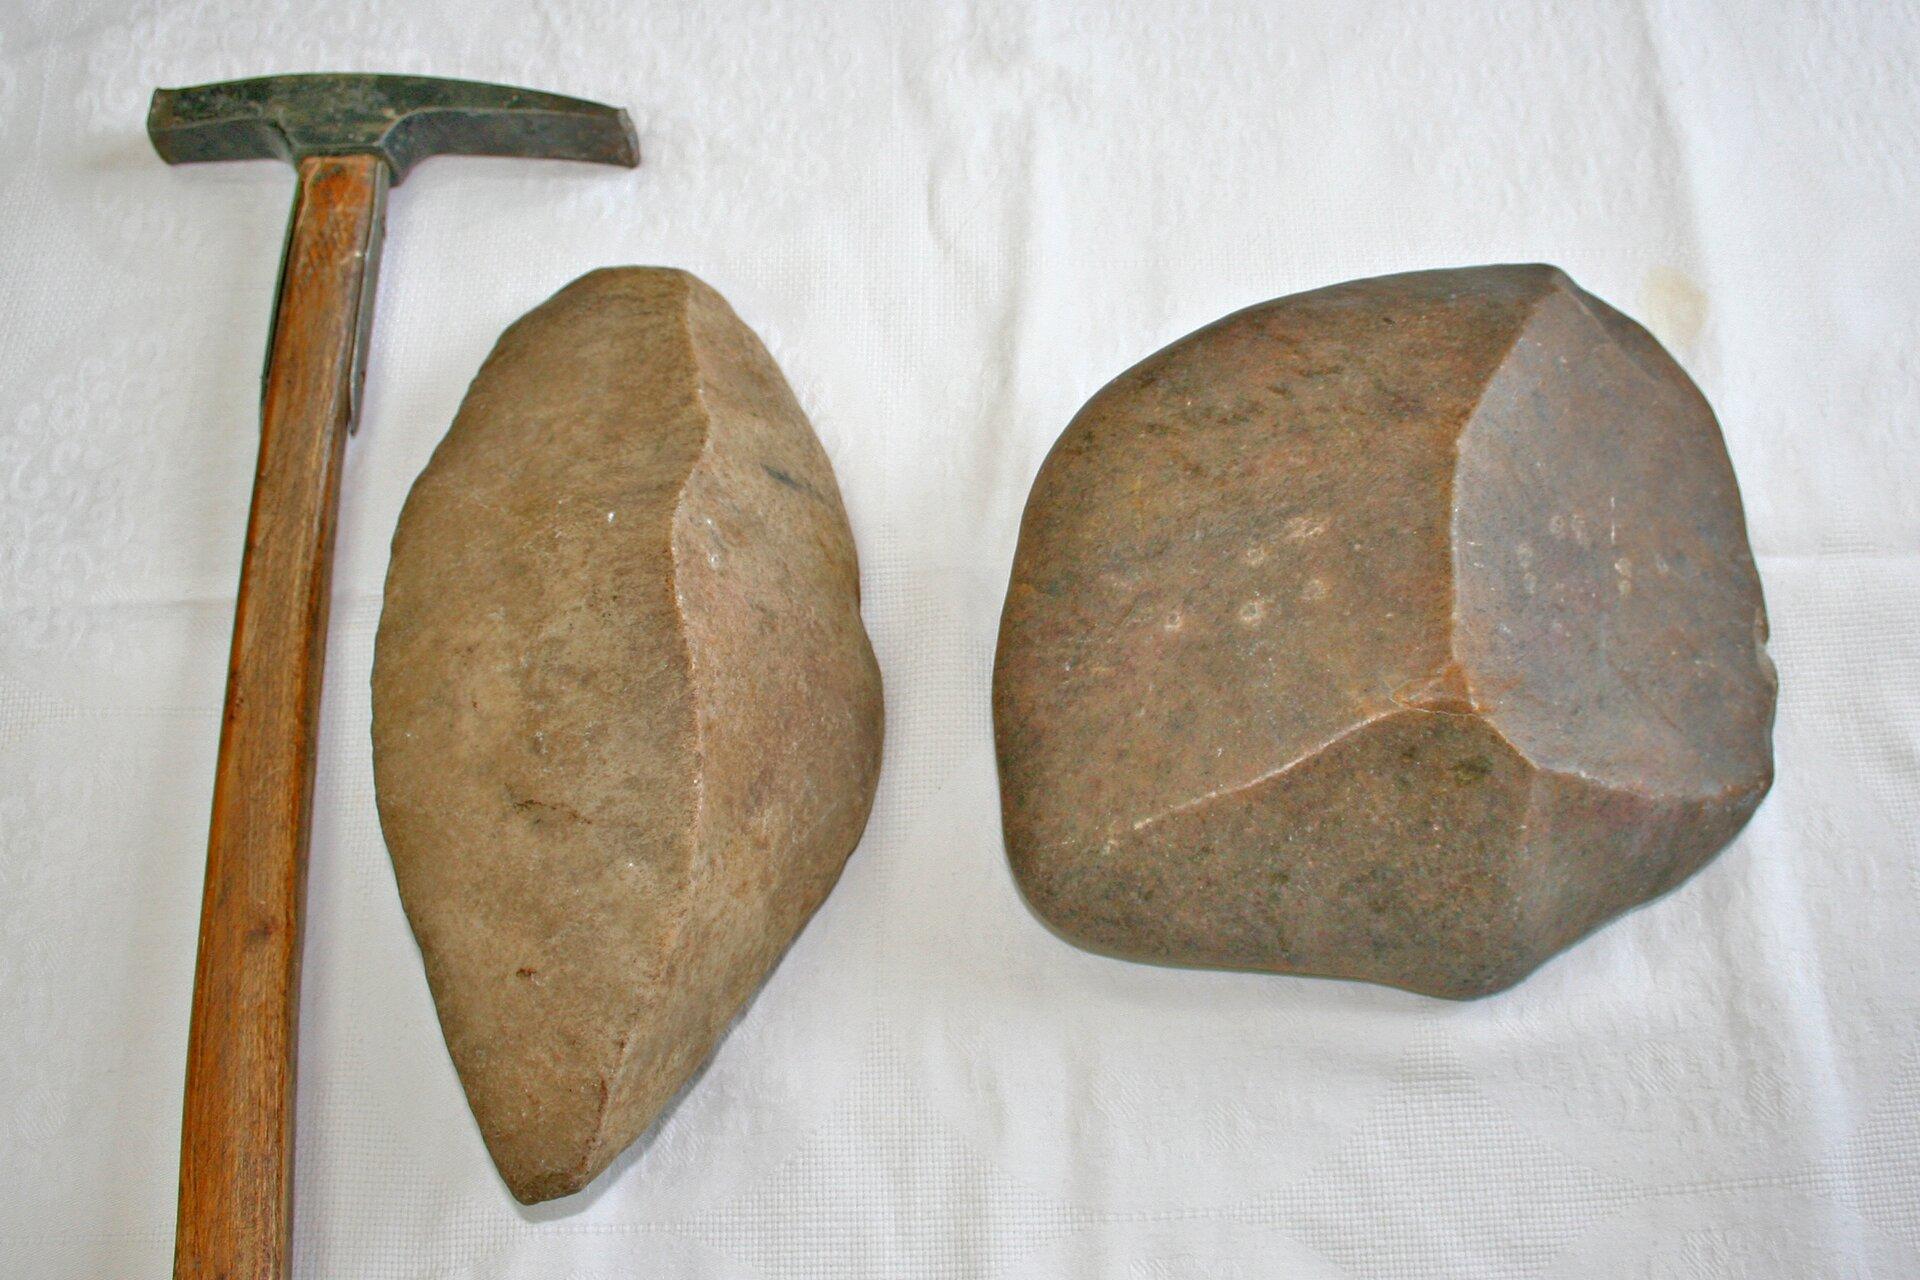 Na zdjęciu dwa graniaki. To fragmenty skał zpowierzchnią wygładzoną przez wiatr iwyraźnymi krawędziami. Obok dla porównania wielkości leży młotek geologiczny. Graniaki są nieco mniejsze od młotka.